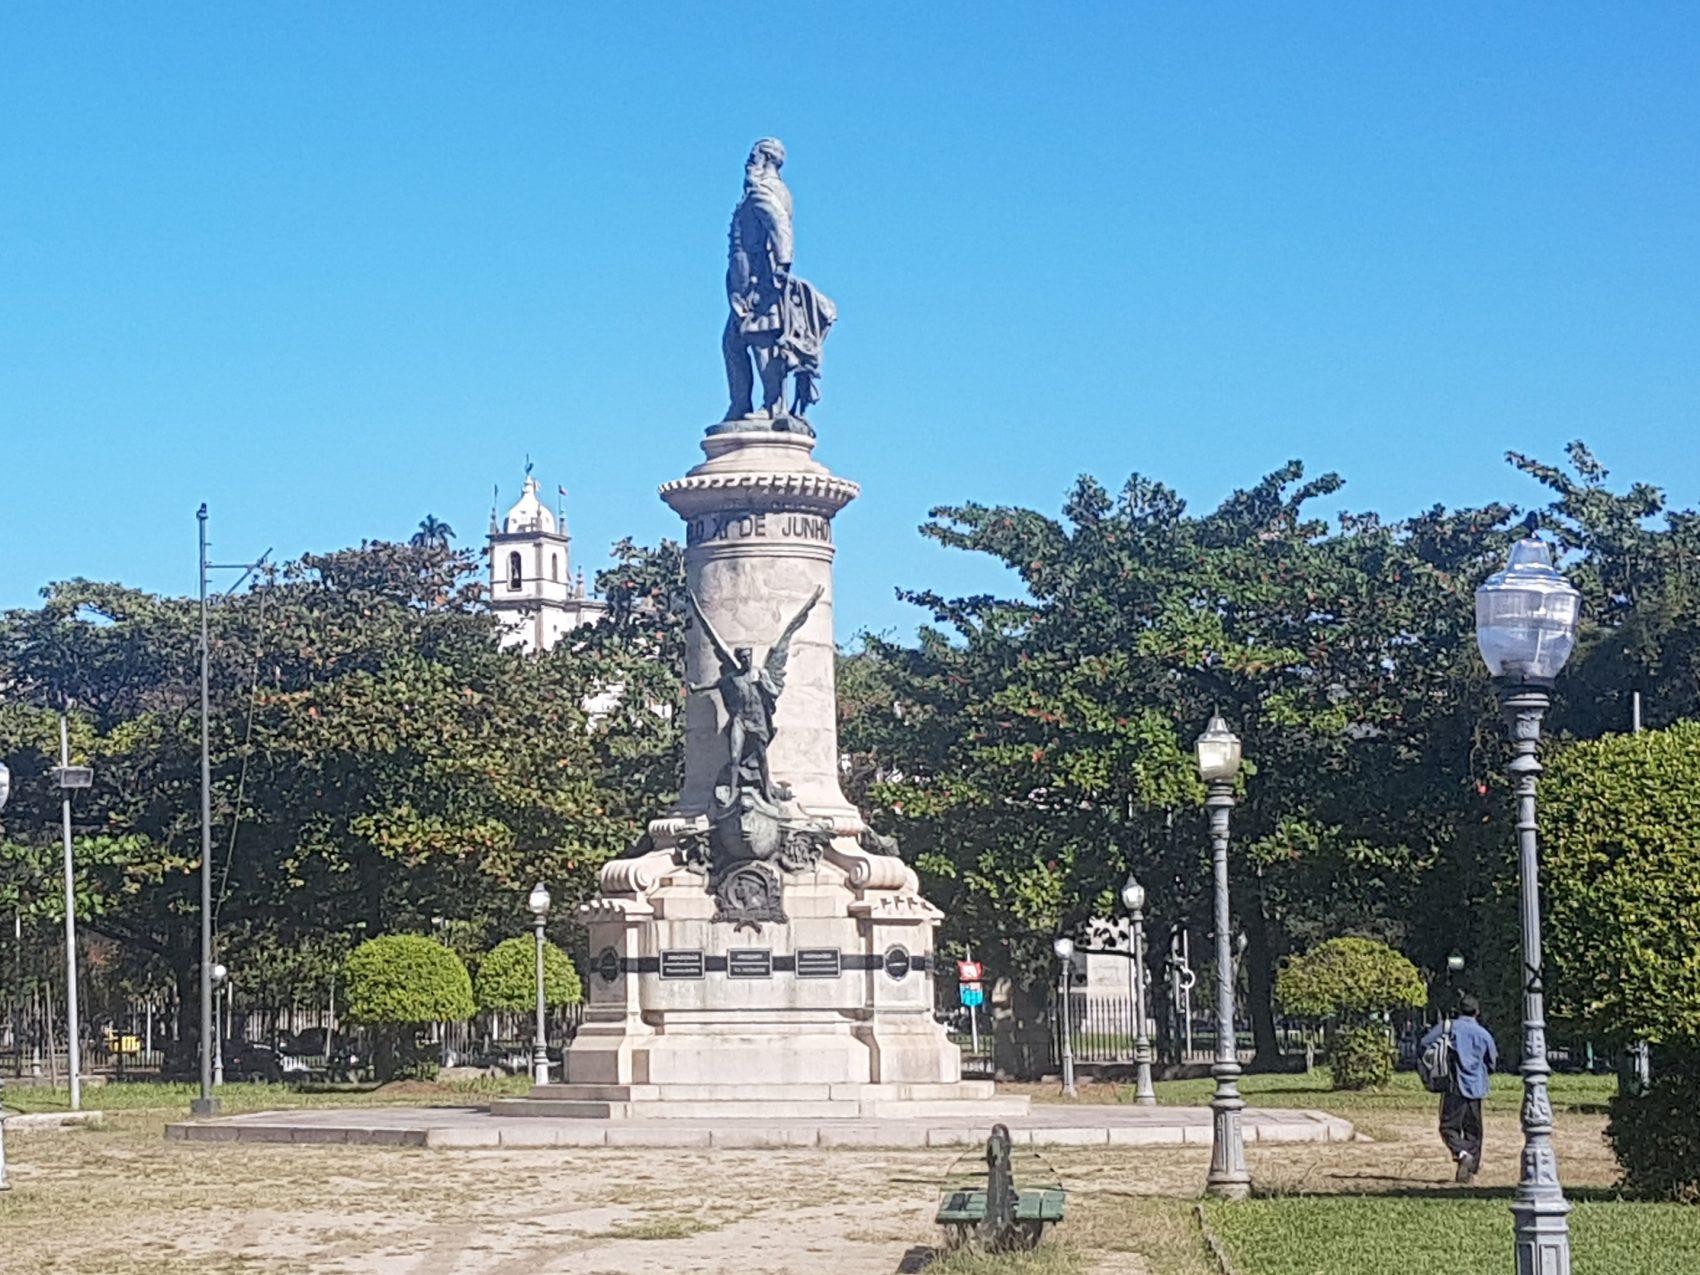 Monumento ao Almirante Barroso sob a benção da Igreja de Nossa Senhora da Glória do Outeiro: praça quase deserta numa tarde de dia útil (Foto: Oscar Valporto)